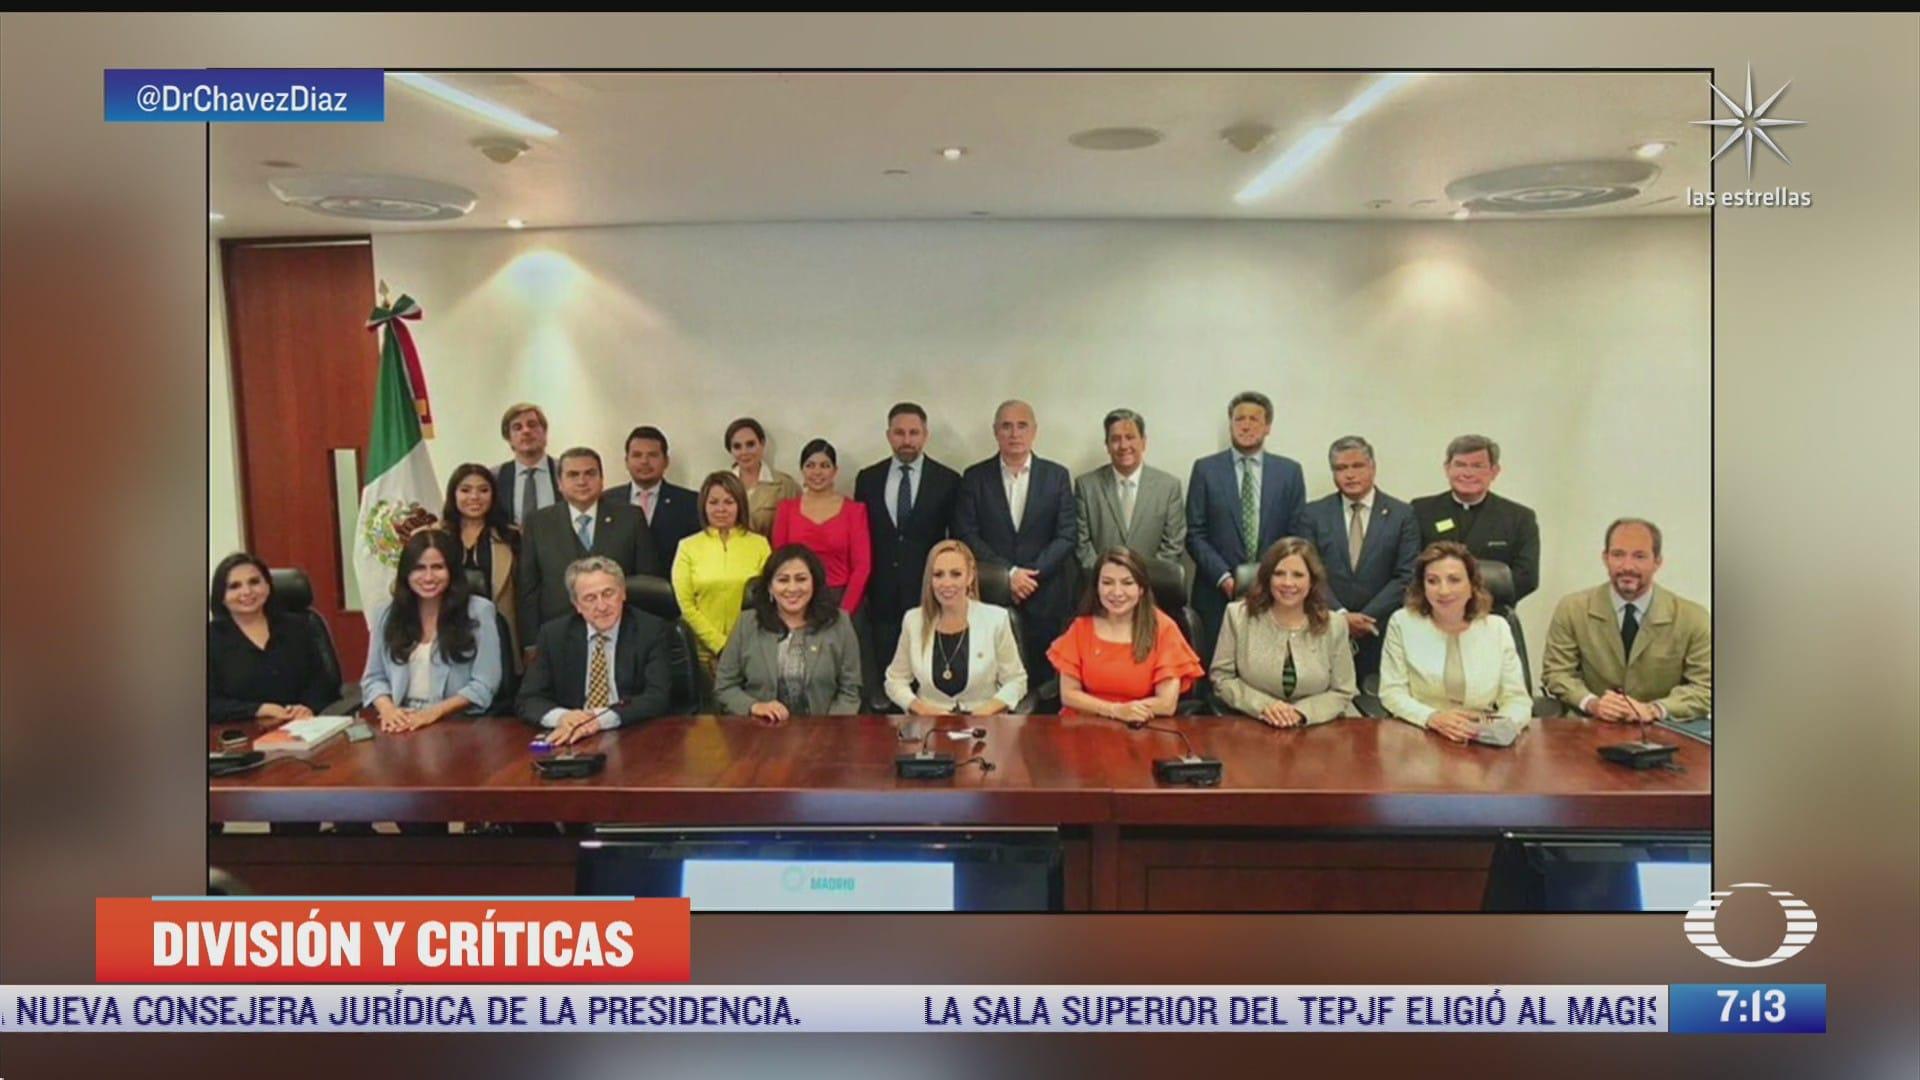 senadores del pan y partido ultraderechista espanol firman carta contra el comunismo